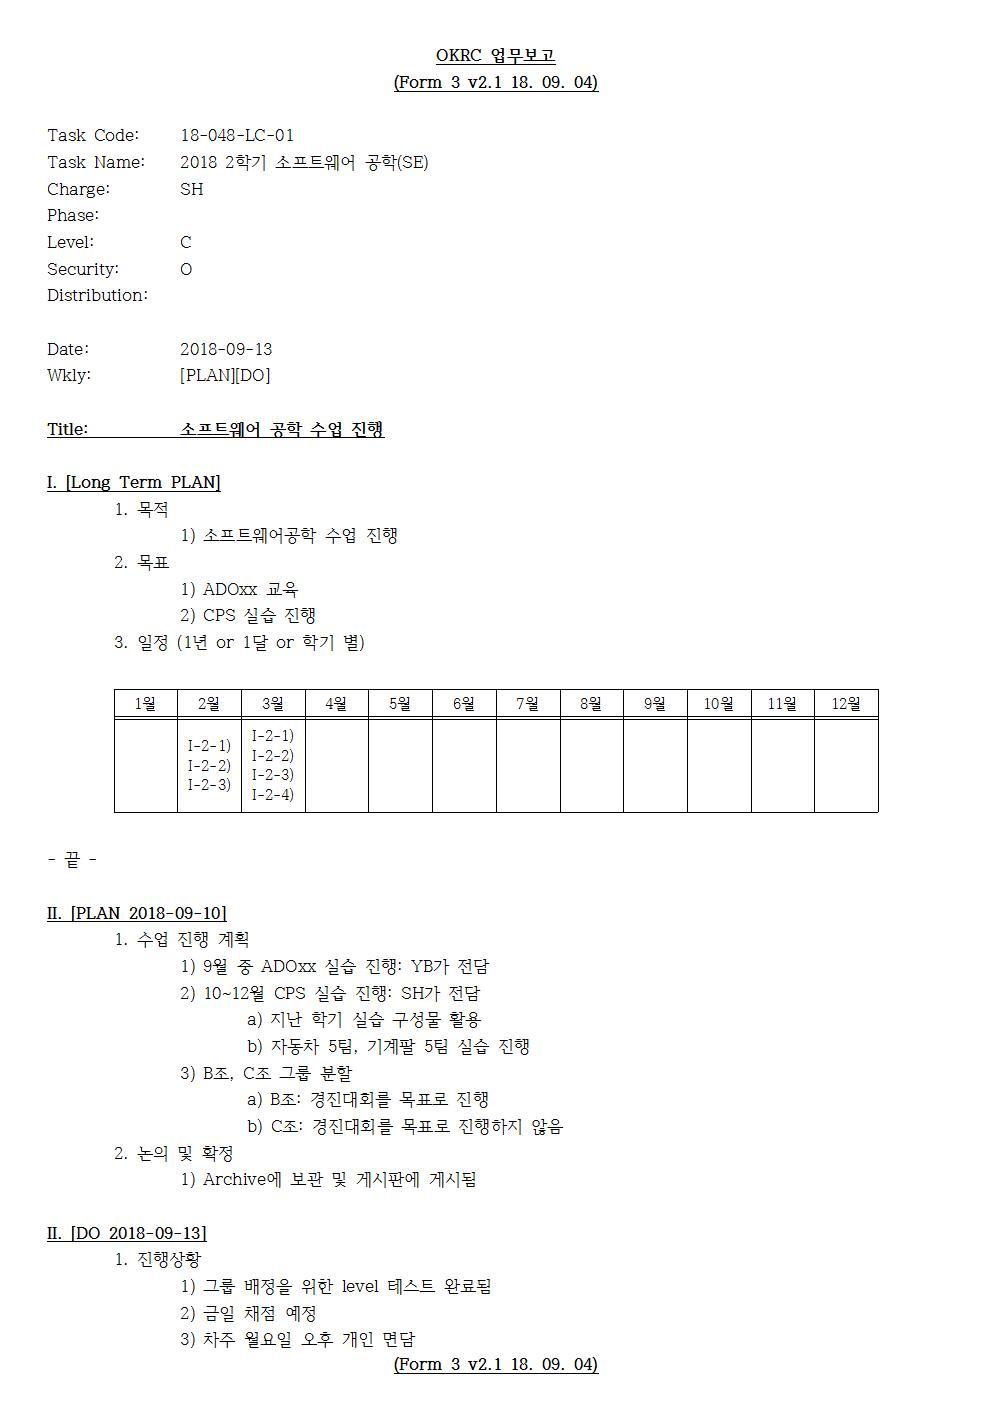 D-[18-048-LC-01]-[SE]-[2018-09-13][SH]001.jpg